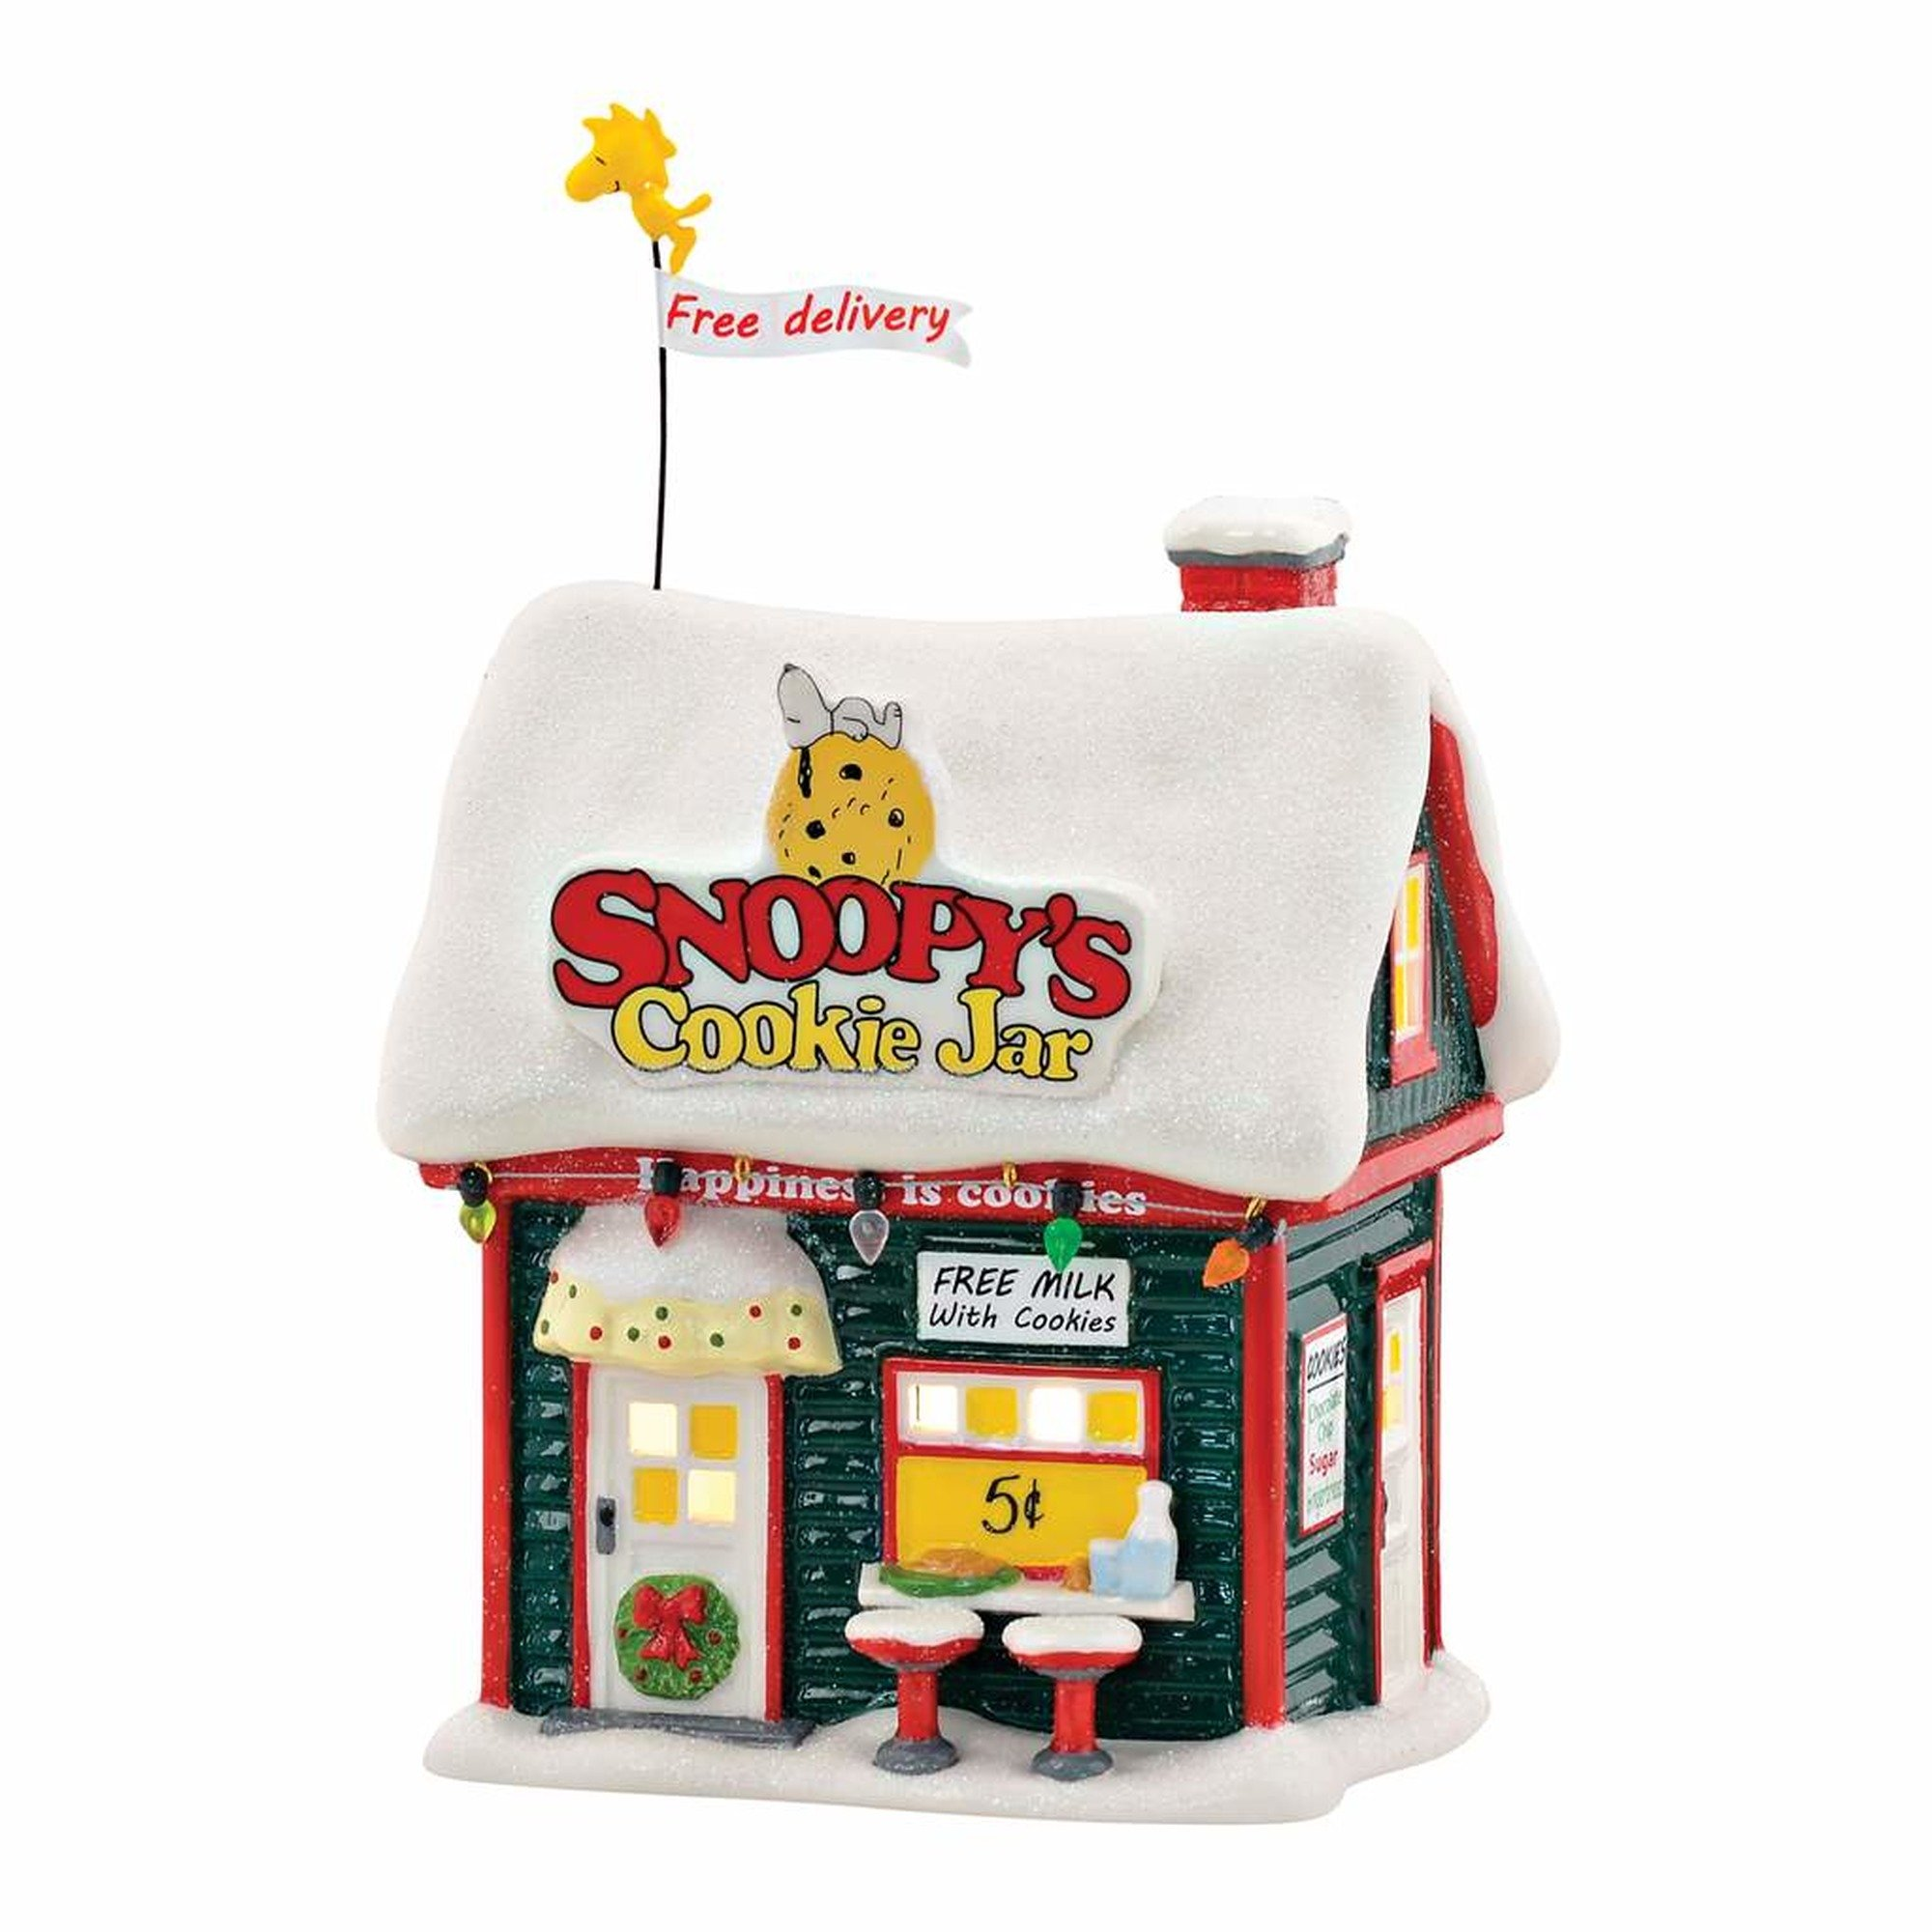 Snoopys Cookie Jar